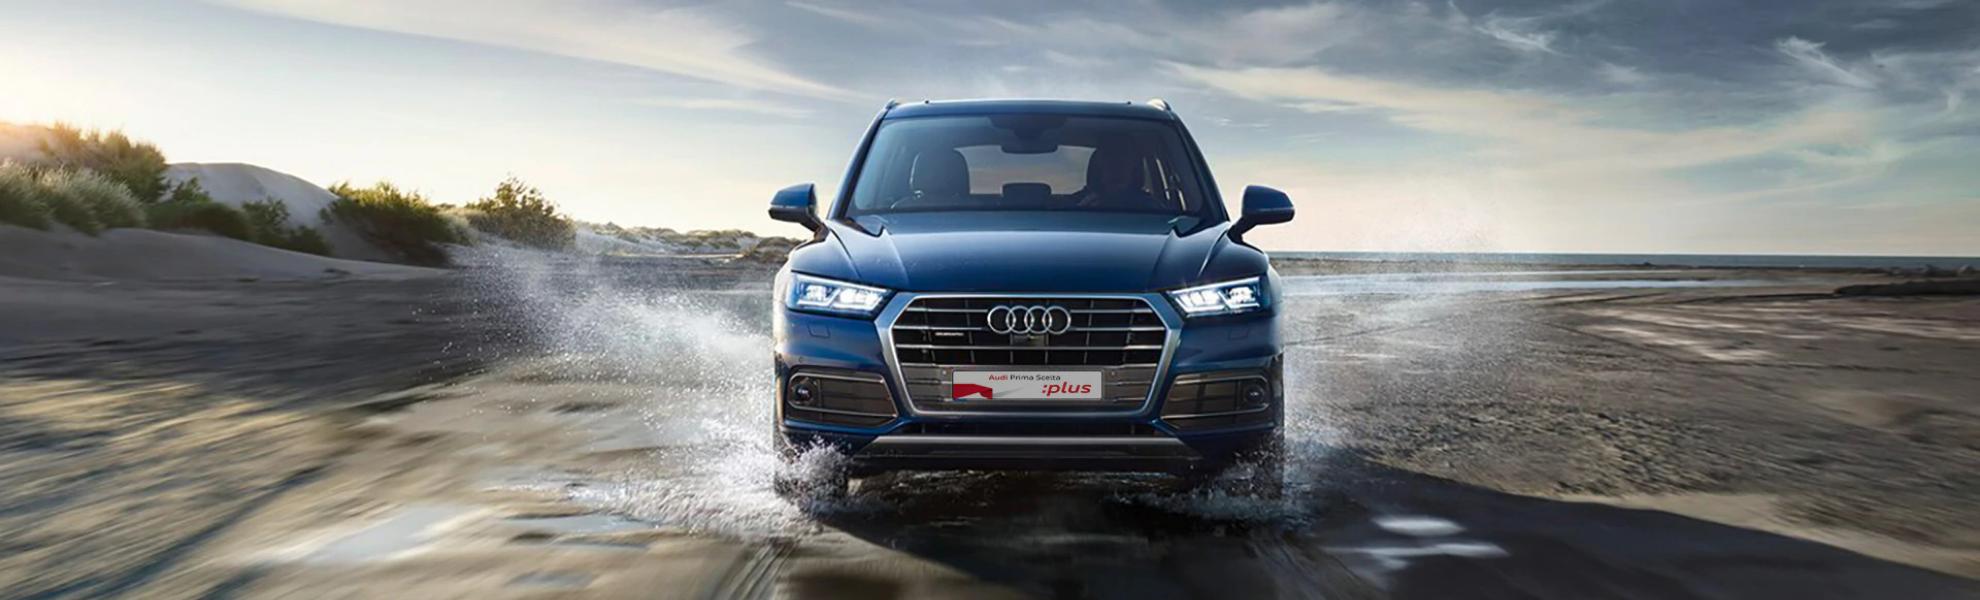 Usato garantito in Sardegna - Concessionaria ufficiale Audi Catte Auto Cagliari